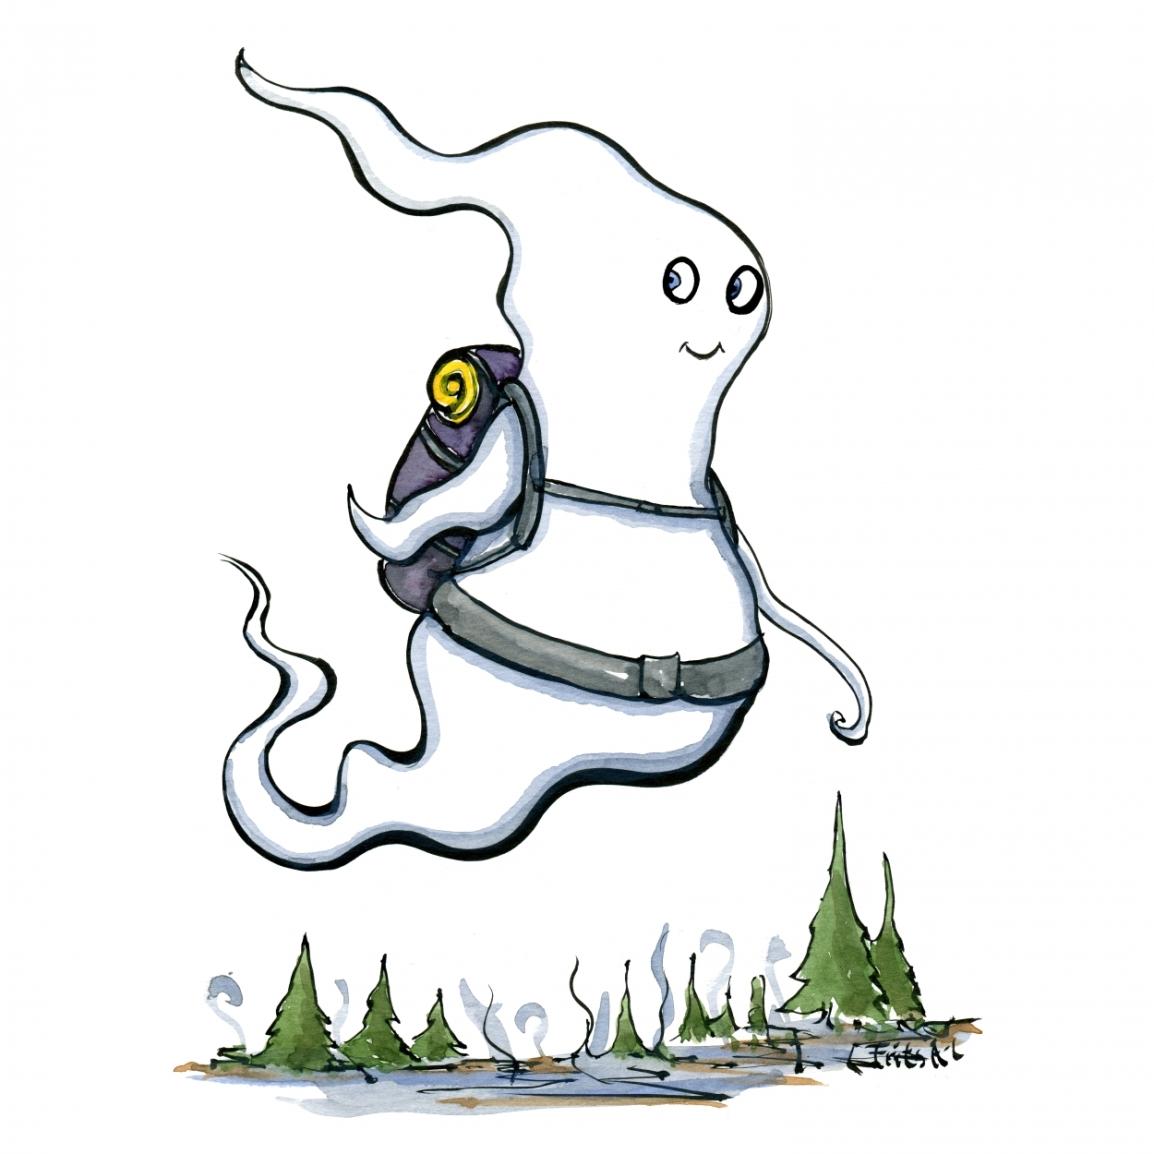 Ghost hiker